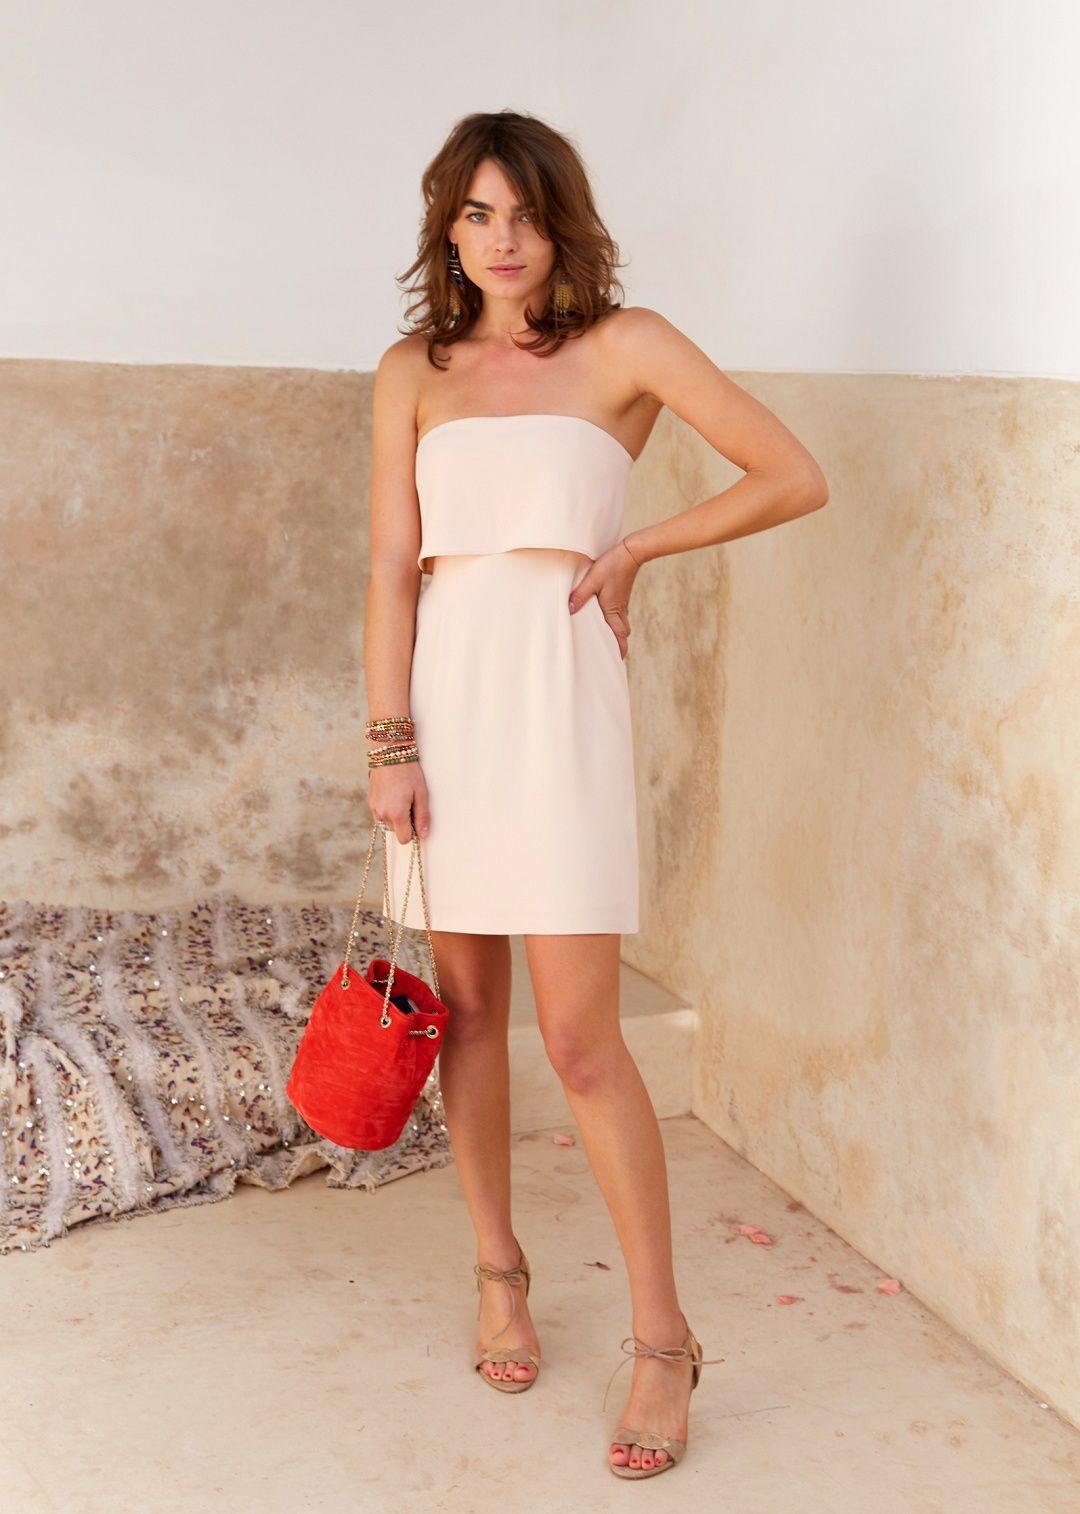 Sézane - Robe Erika   Wish list mode et beauté cab4076e63